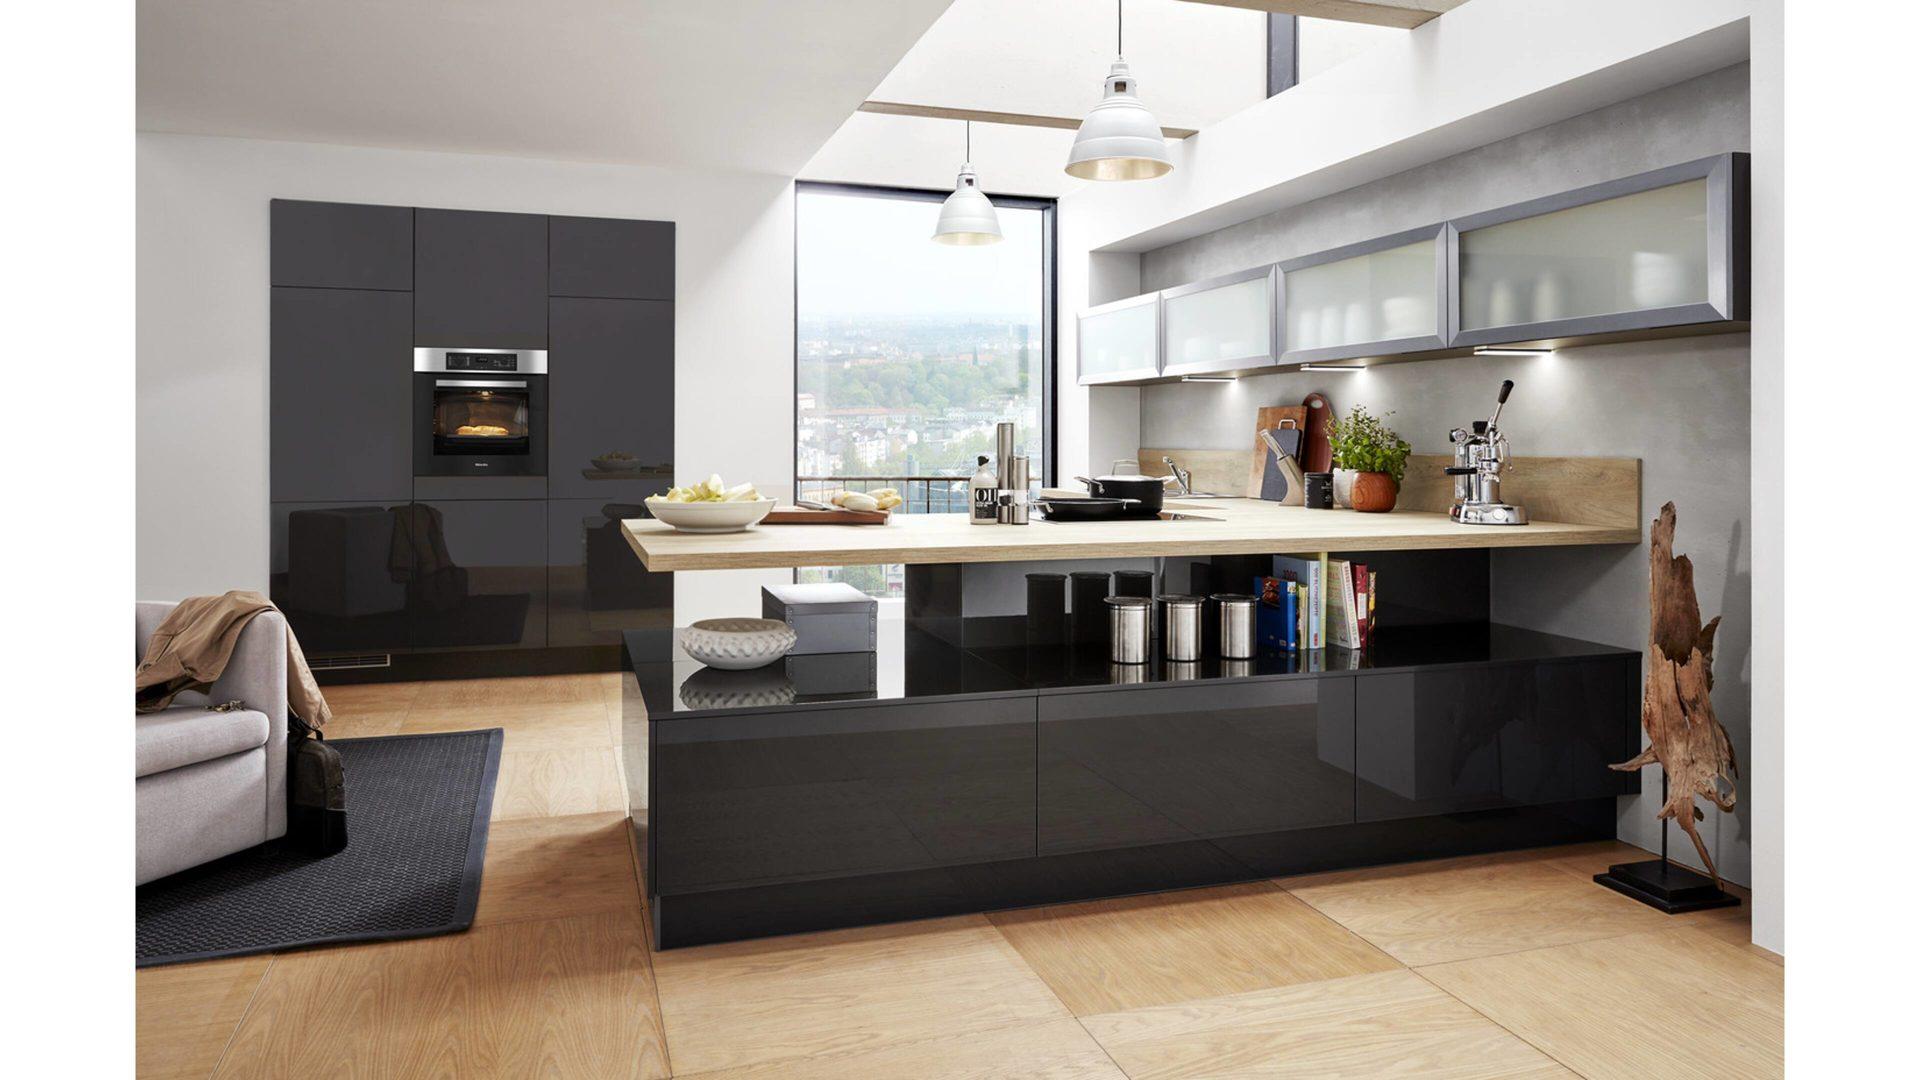 Einbauküche Brigitte Küchen Frickemeier   Culineo Aus Holz In Grau Culineo  Küche Mit MIELE Einbaugeräten Mahattangraue